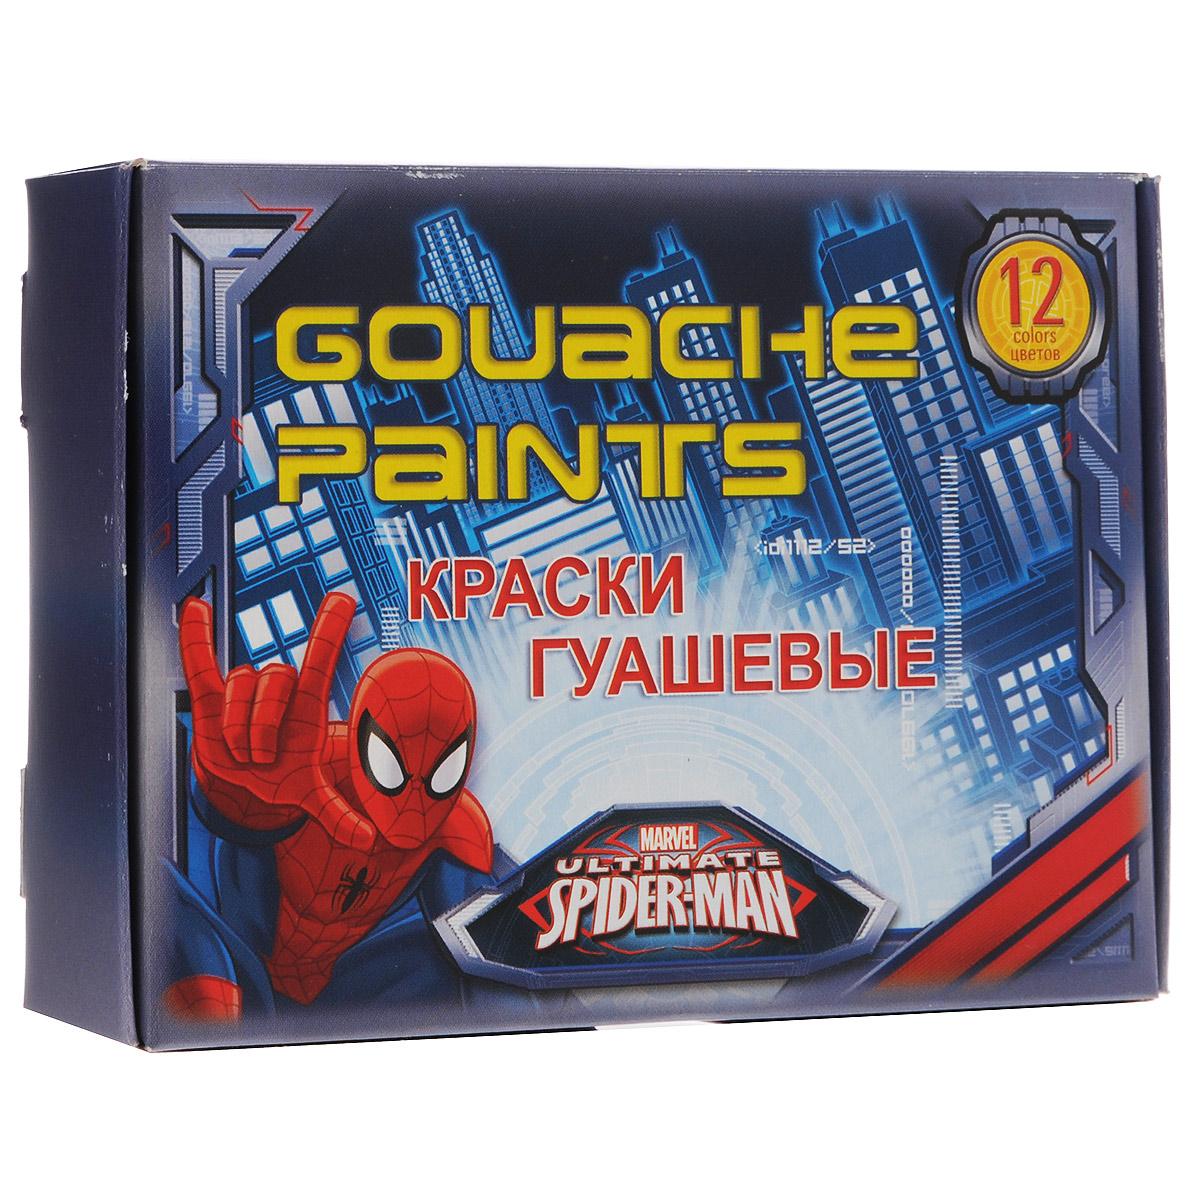 Краски гуашевые Spider-man Classic, 12 цветовSMCB-US1-GU-12Гуашь для детского творчества Spider-man Classic для детского творчества и декоративно-оформительских работ по бумаге, картону, дереву. Краски имеют яркие и насыщенные цвета, а также обладают однородным окрашиванием. Имеют оптимальную цветовую палитру при высыхании приобретают матовую, бархатистую поверхность. Качественные краски нетоксичны, безопасны и обладают средней концентрацией пигмента. Гуашь быстро сохнет на поверхности, обладает прекрасной разносимостью, легко разводится водой, хорошо ложится на бумагу. Идеально подходят для уроков рисования в начальных классах. Объем краски одного цвета 15 мл.